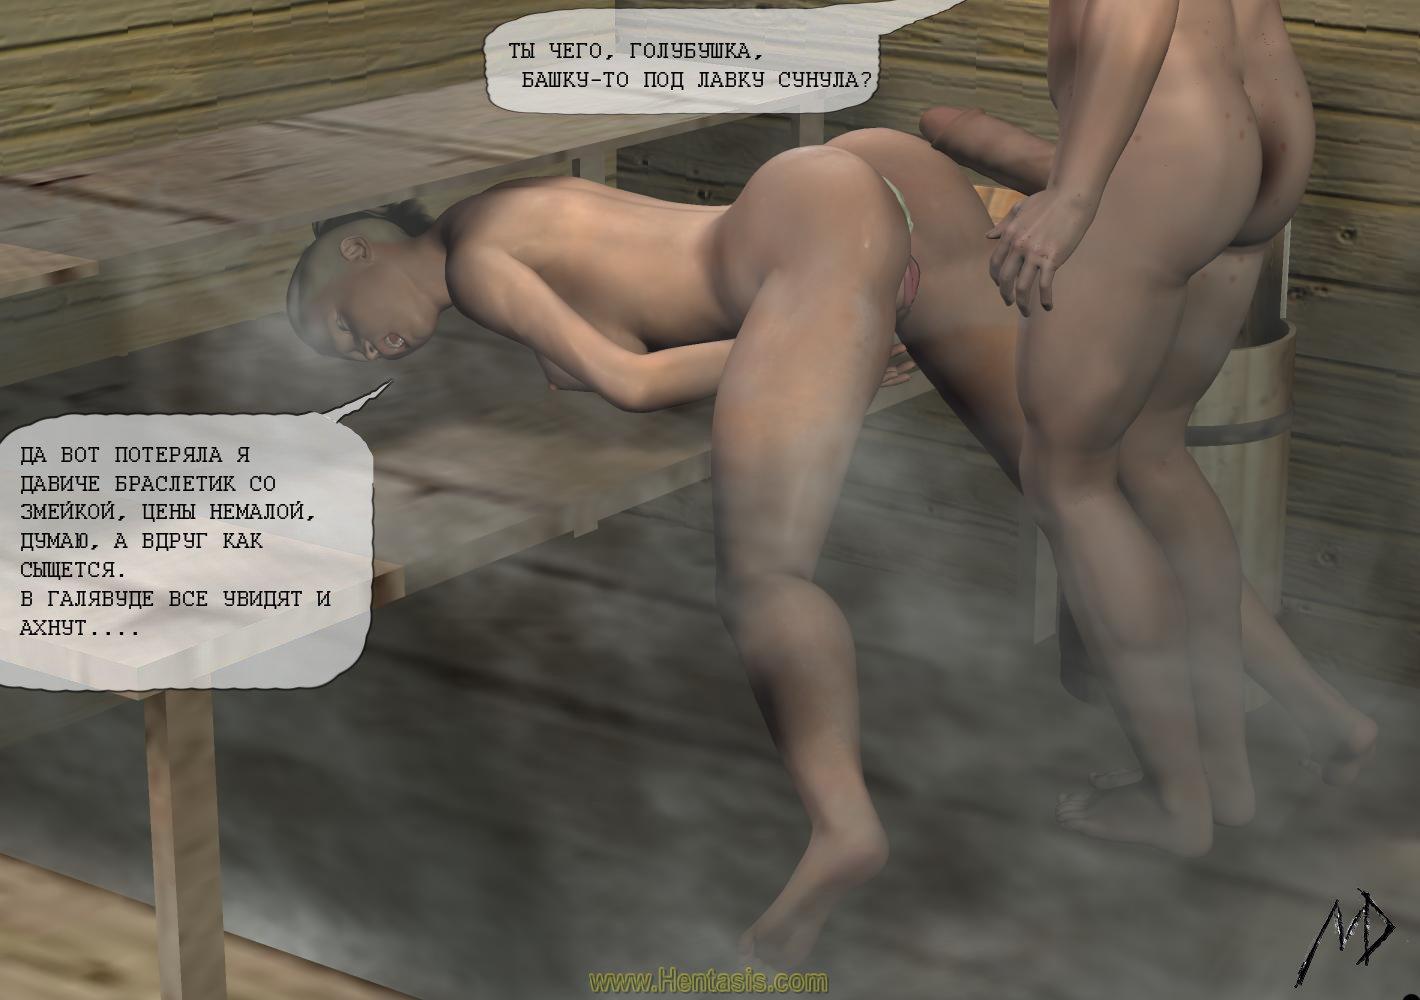 Секс в пятером в баньке рассказы 24 фотография